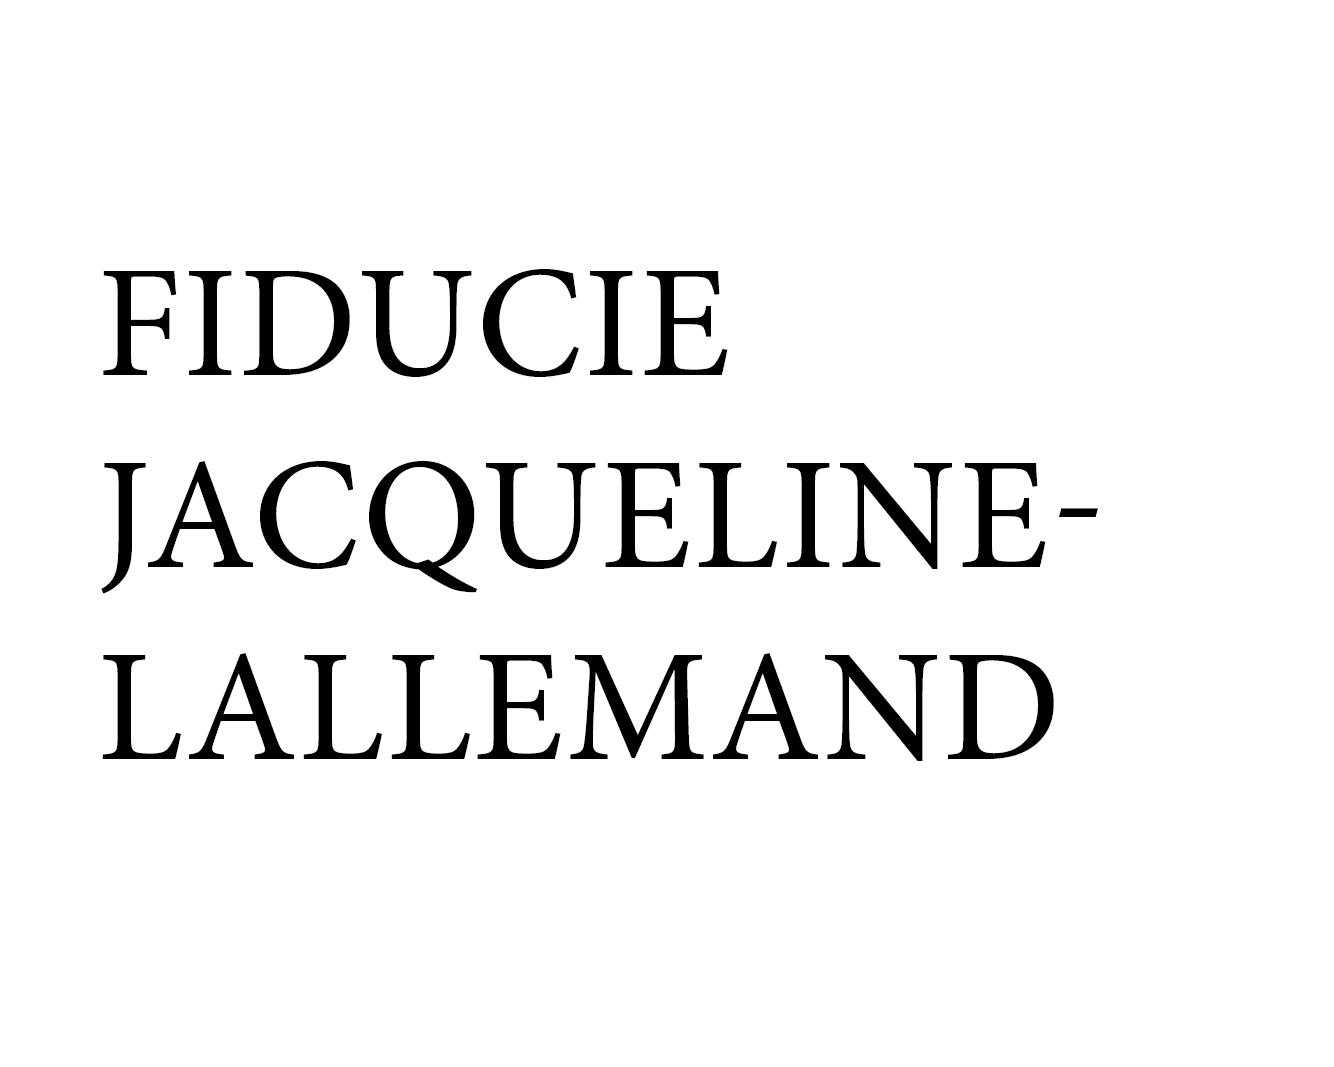 jacqueline-lallemand